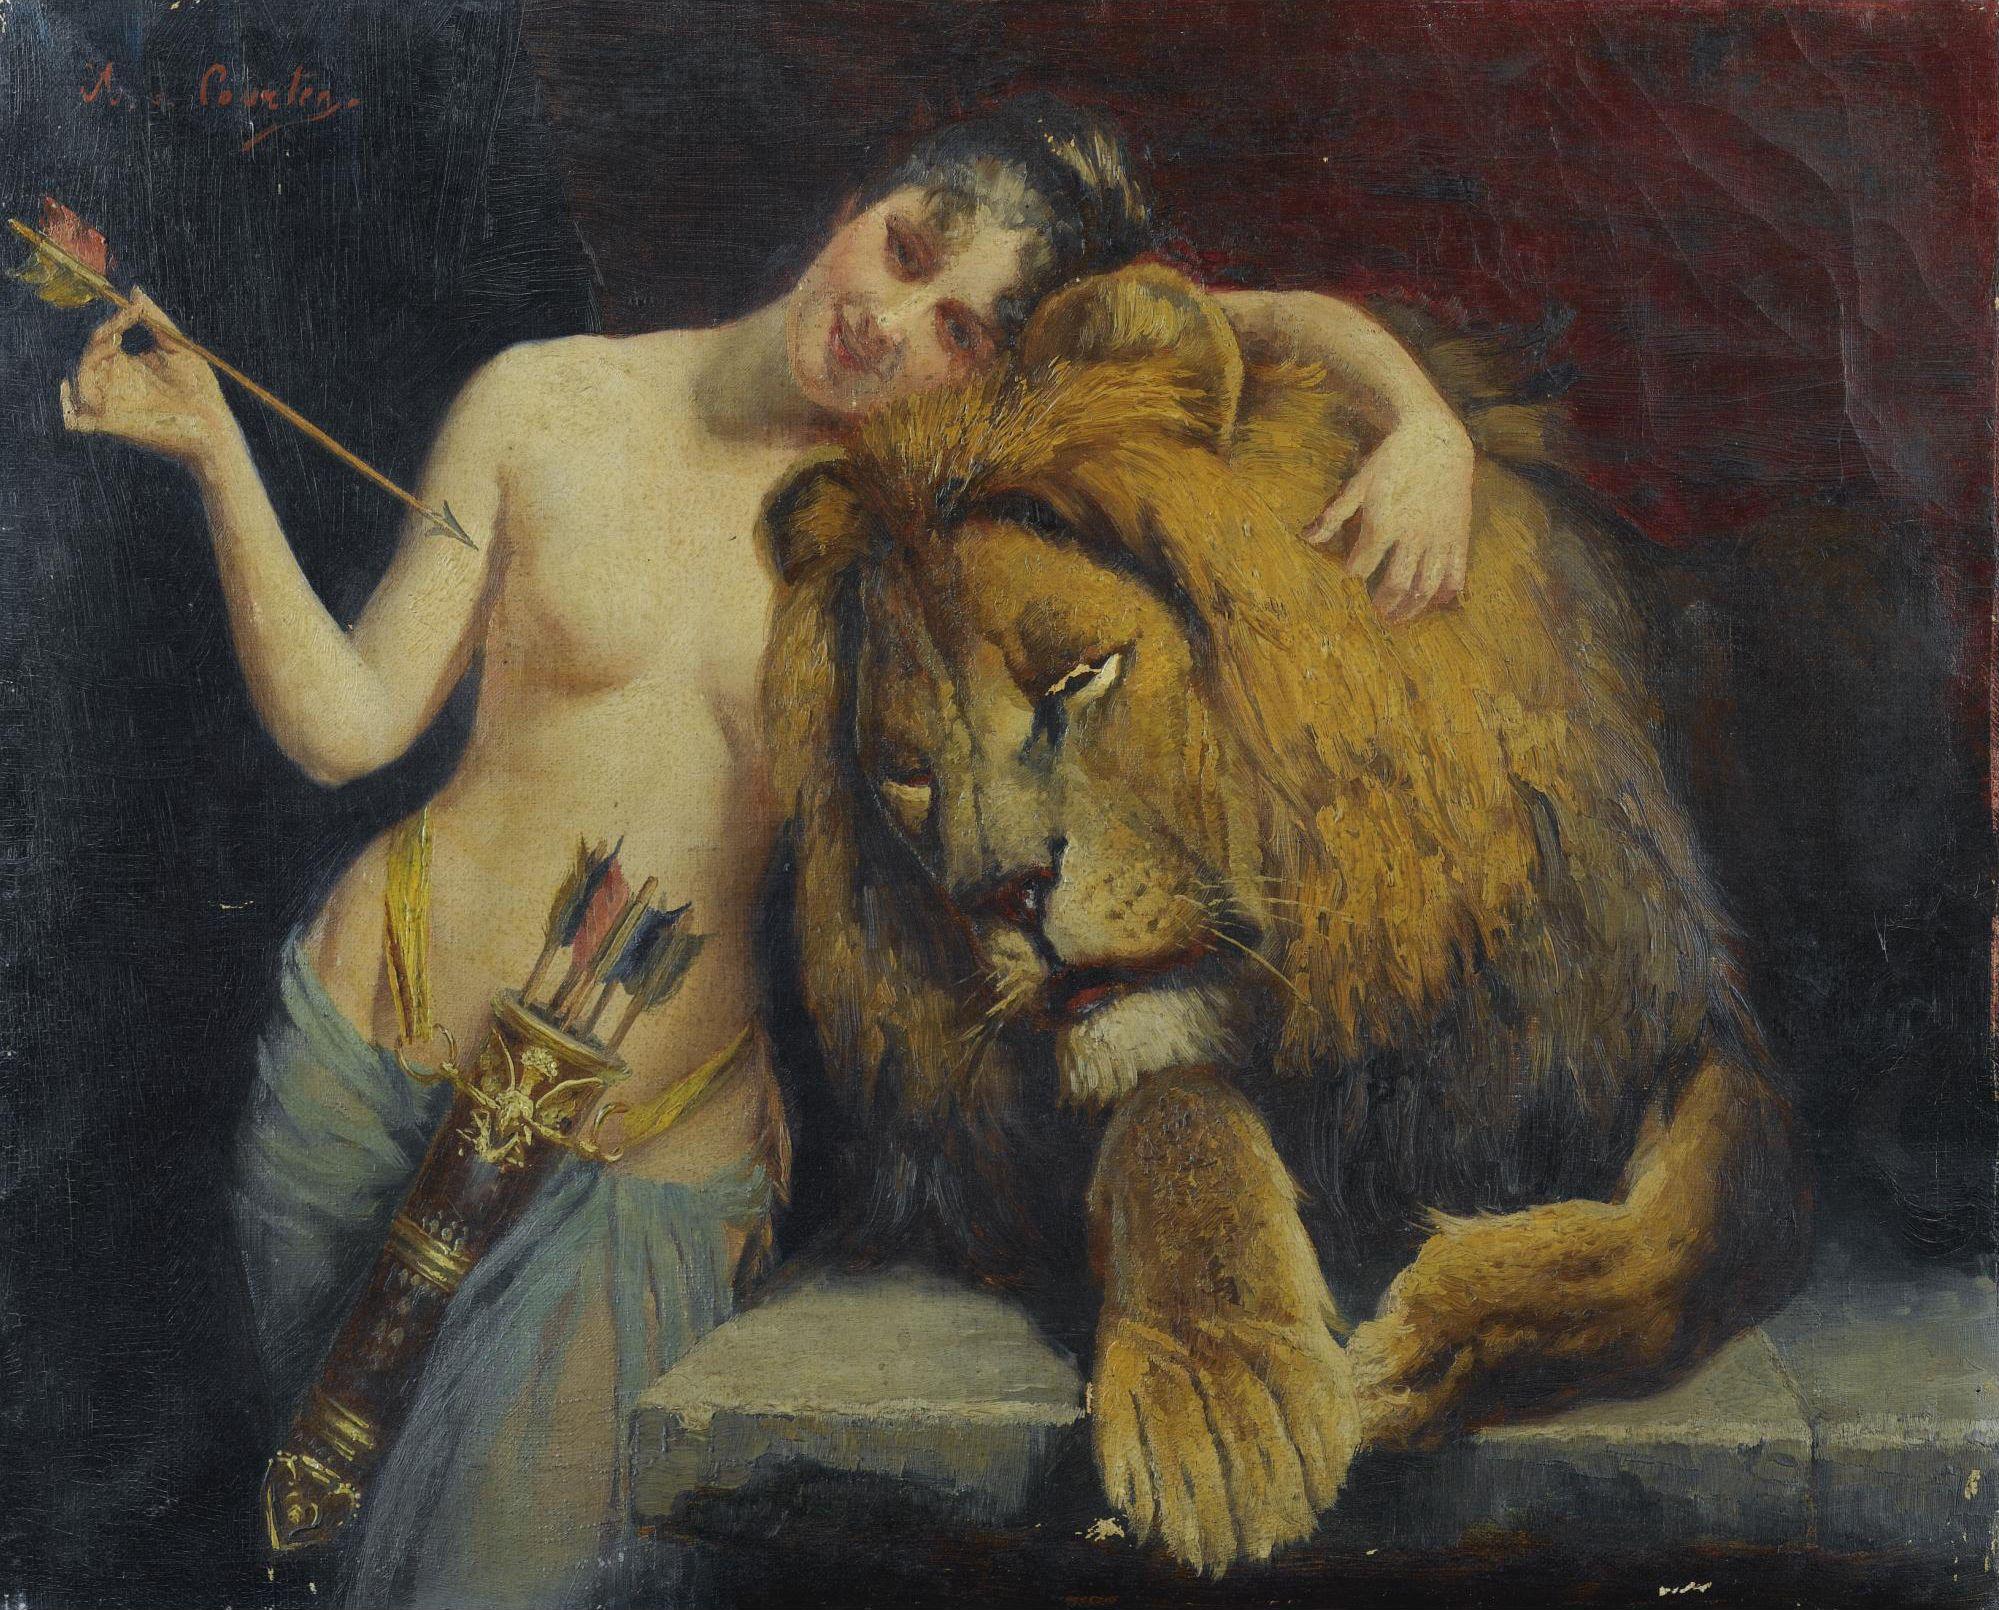 Angelo von Courten, 1848-1925. Диана и лев. 38 х 47 см. Частная коллекция